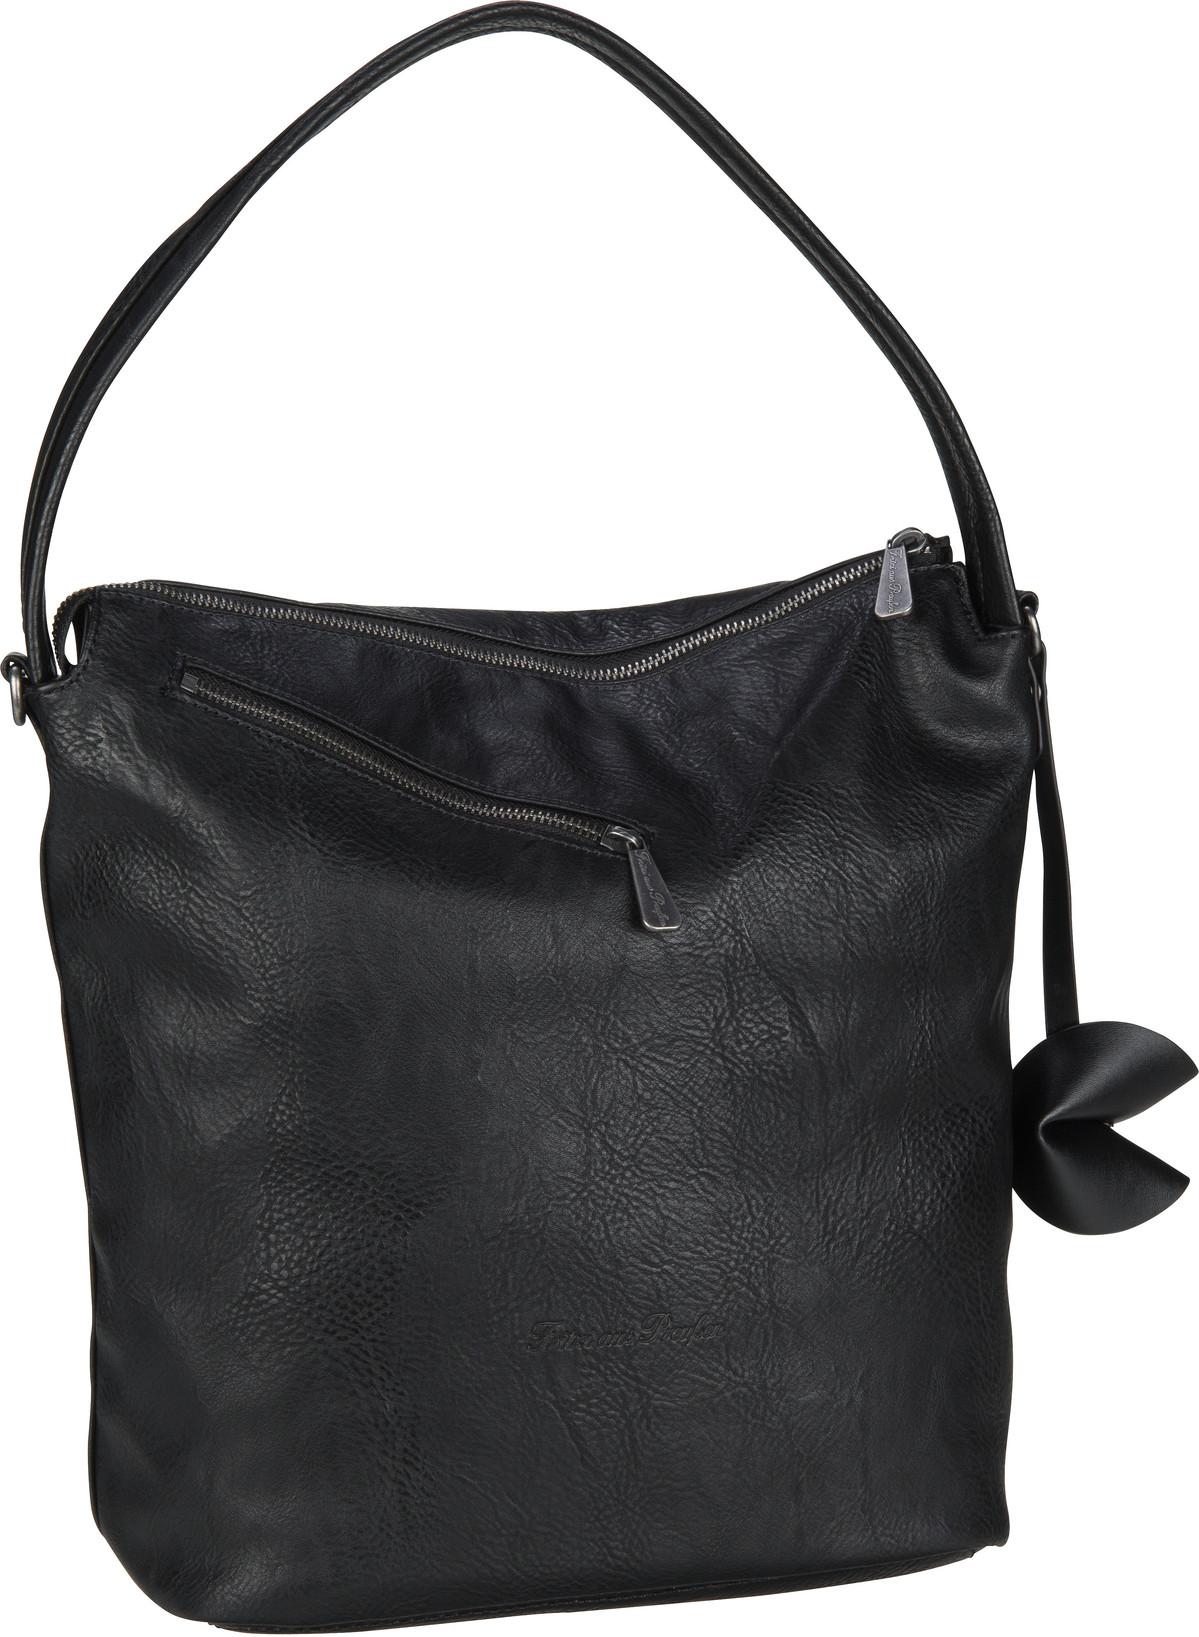 Handtasche Arin Saddle Black